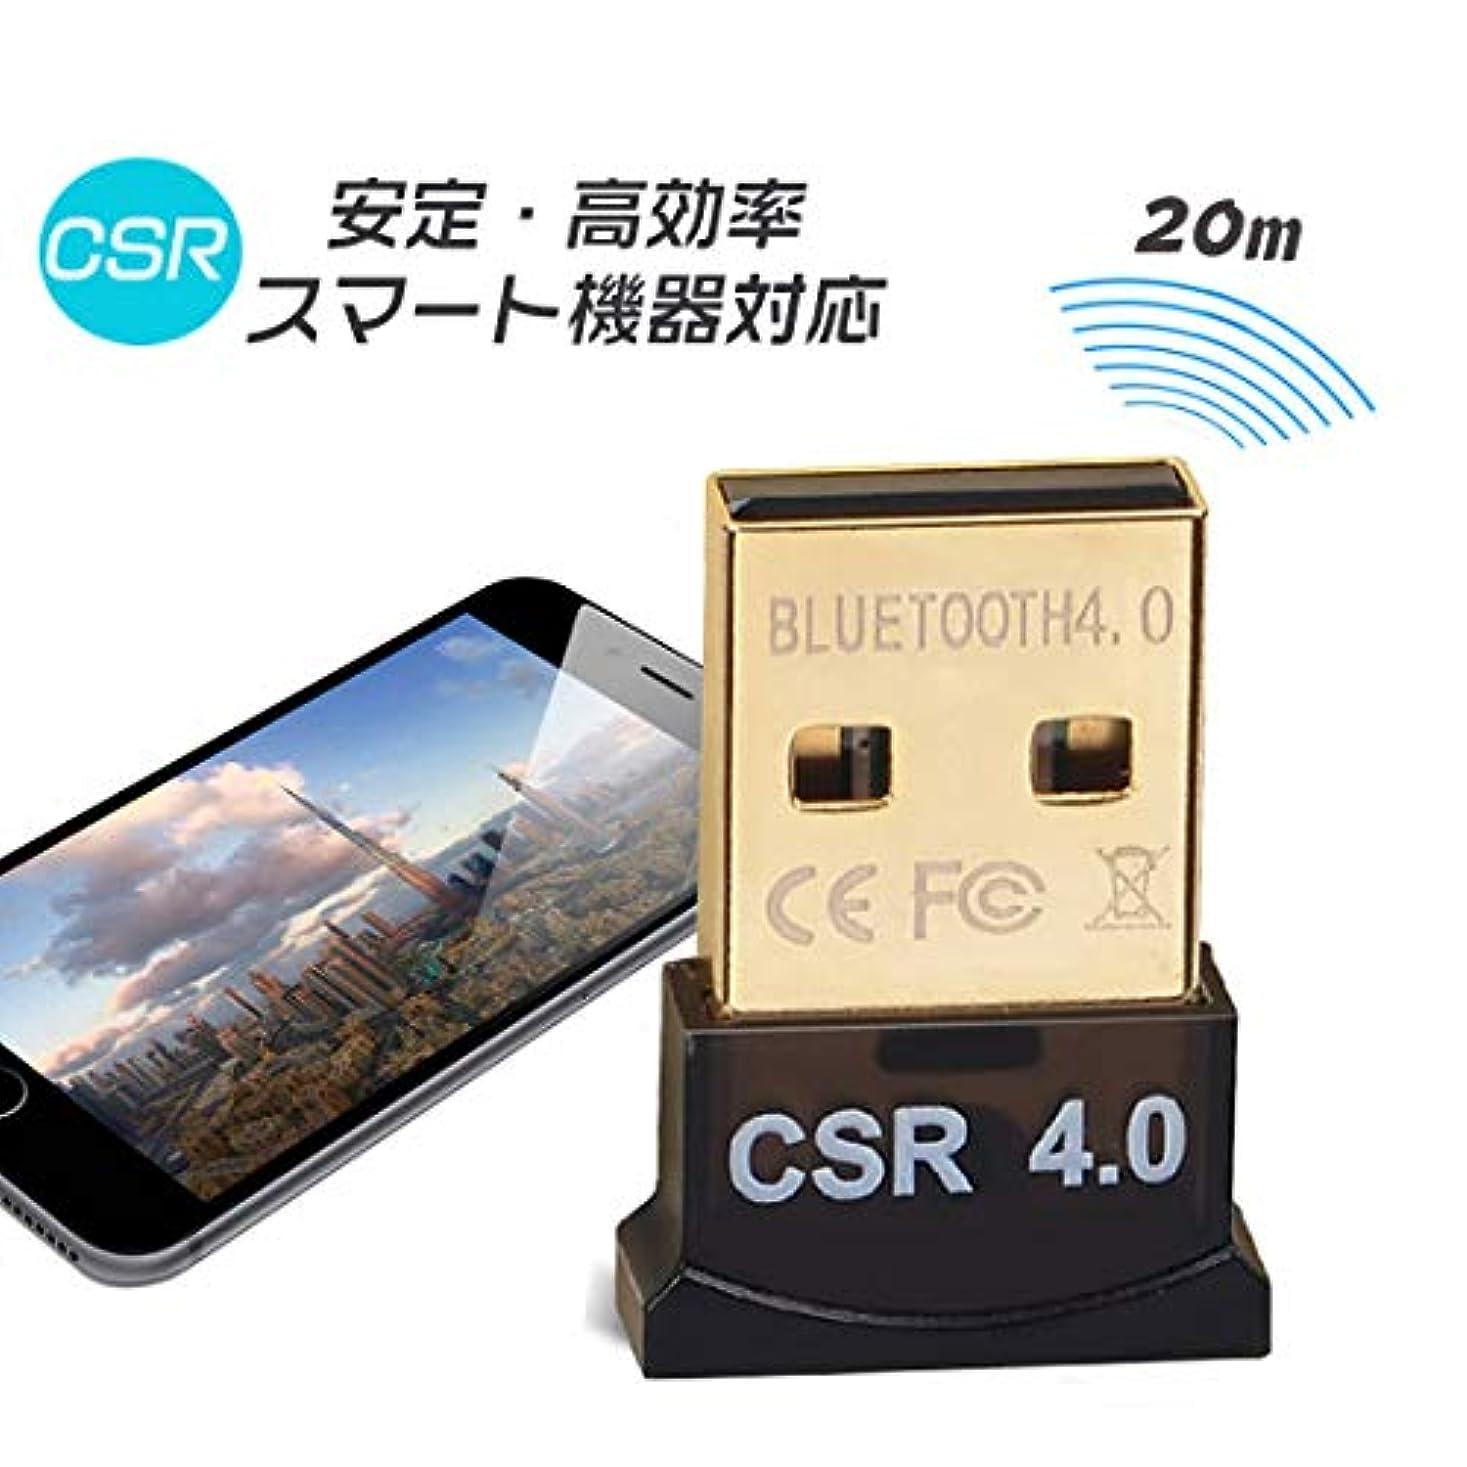 撤回するビタミン換気するYiteng Bluetoothアダプタ Bluetooth USB アダプタ ワイヤレスアダプタ Bluetoothレシーバー ブルートゥースUSB Windows10 apt-X 対応 Class2 Bluetooth Dongle Ver4.0 apt-x EDR/LE対応 省エネ 超小型 安定 20m有効伝送 22*12mm